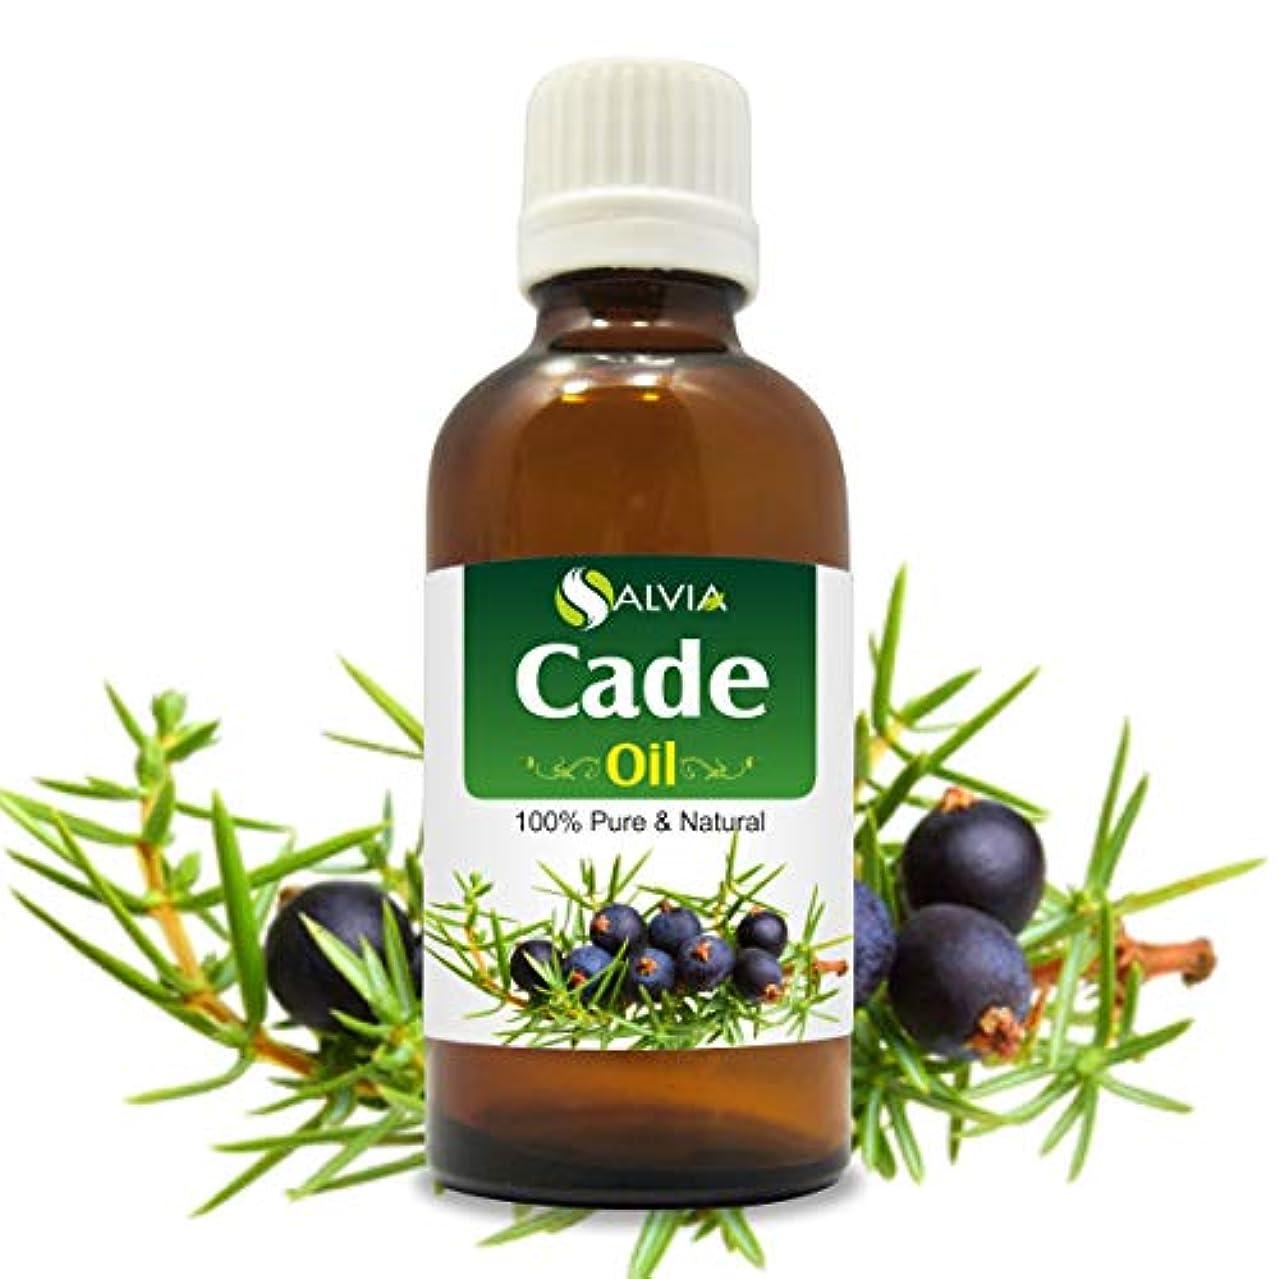 ヒューバートハドソン逆説インスタントCade Essential Oil (Juniperus oxycedrus) Therapeutic Oil 100% Pure & Natural - Undiluted Uncut Aromatherapy Oil...